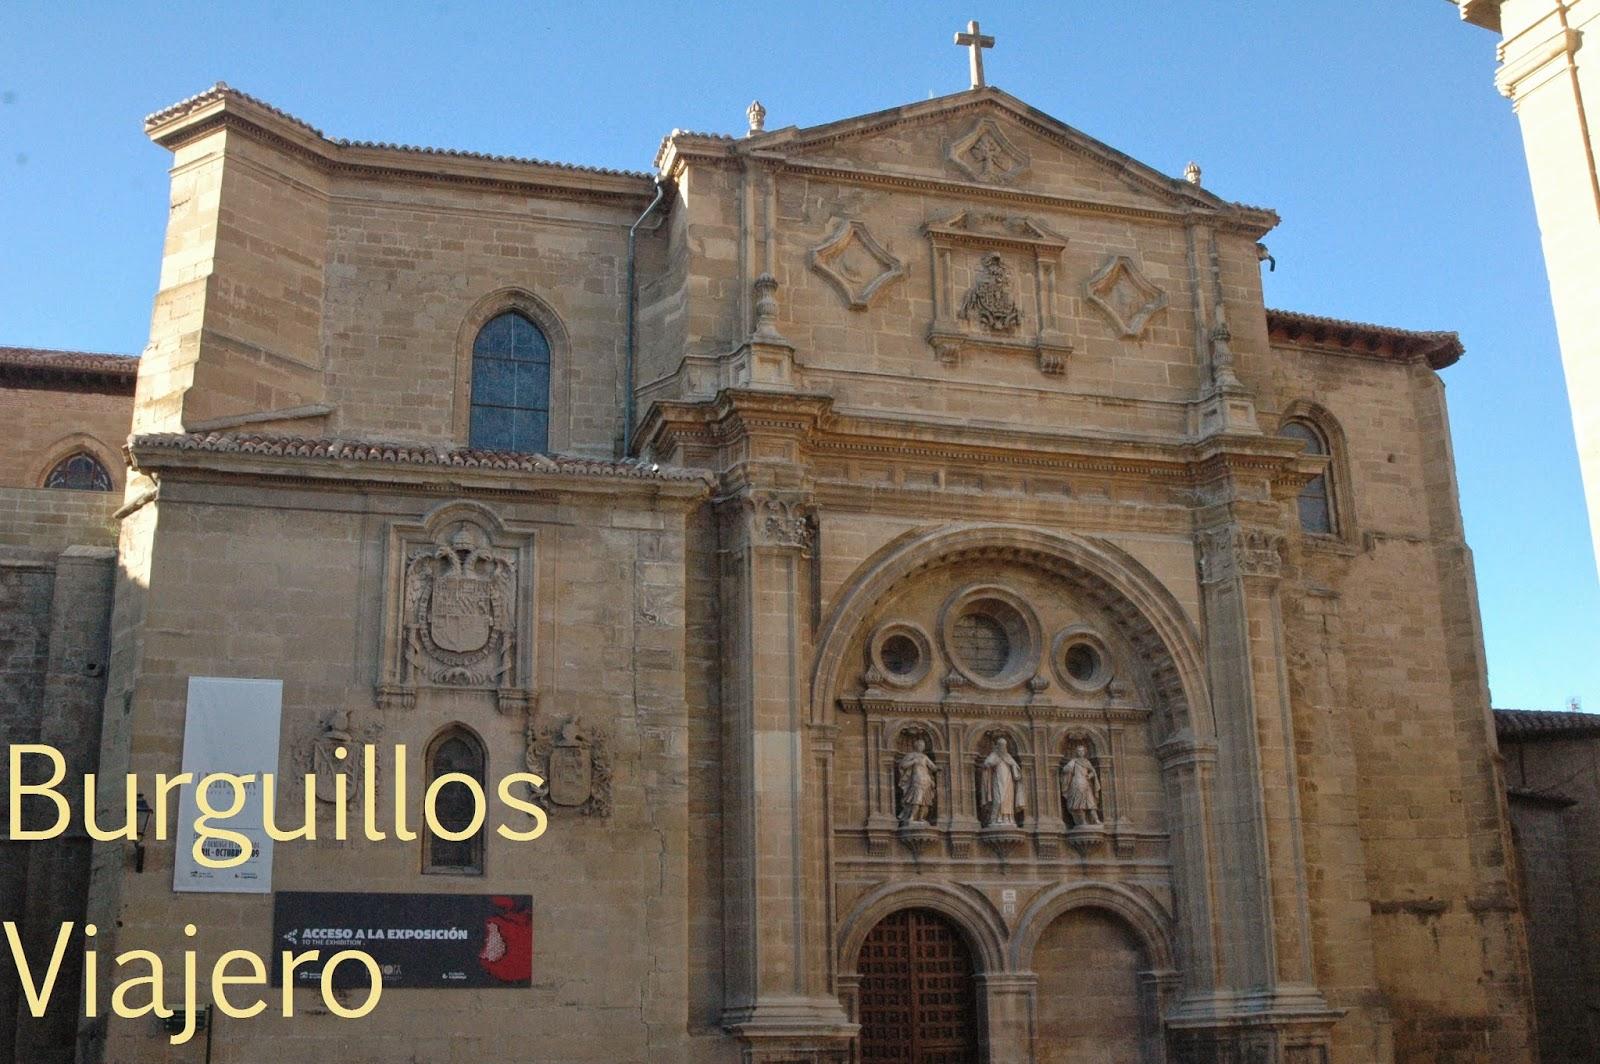 Burguillos viajero ii 813 santo domingo de la calzada i la rioja 22 de junio de 2009 - Casa rural santo domingo dela calzada ...